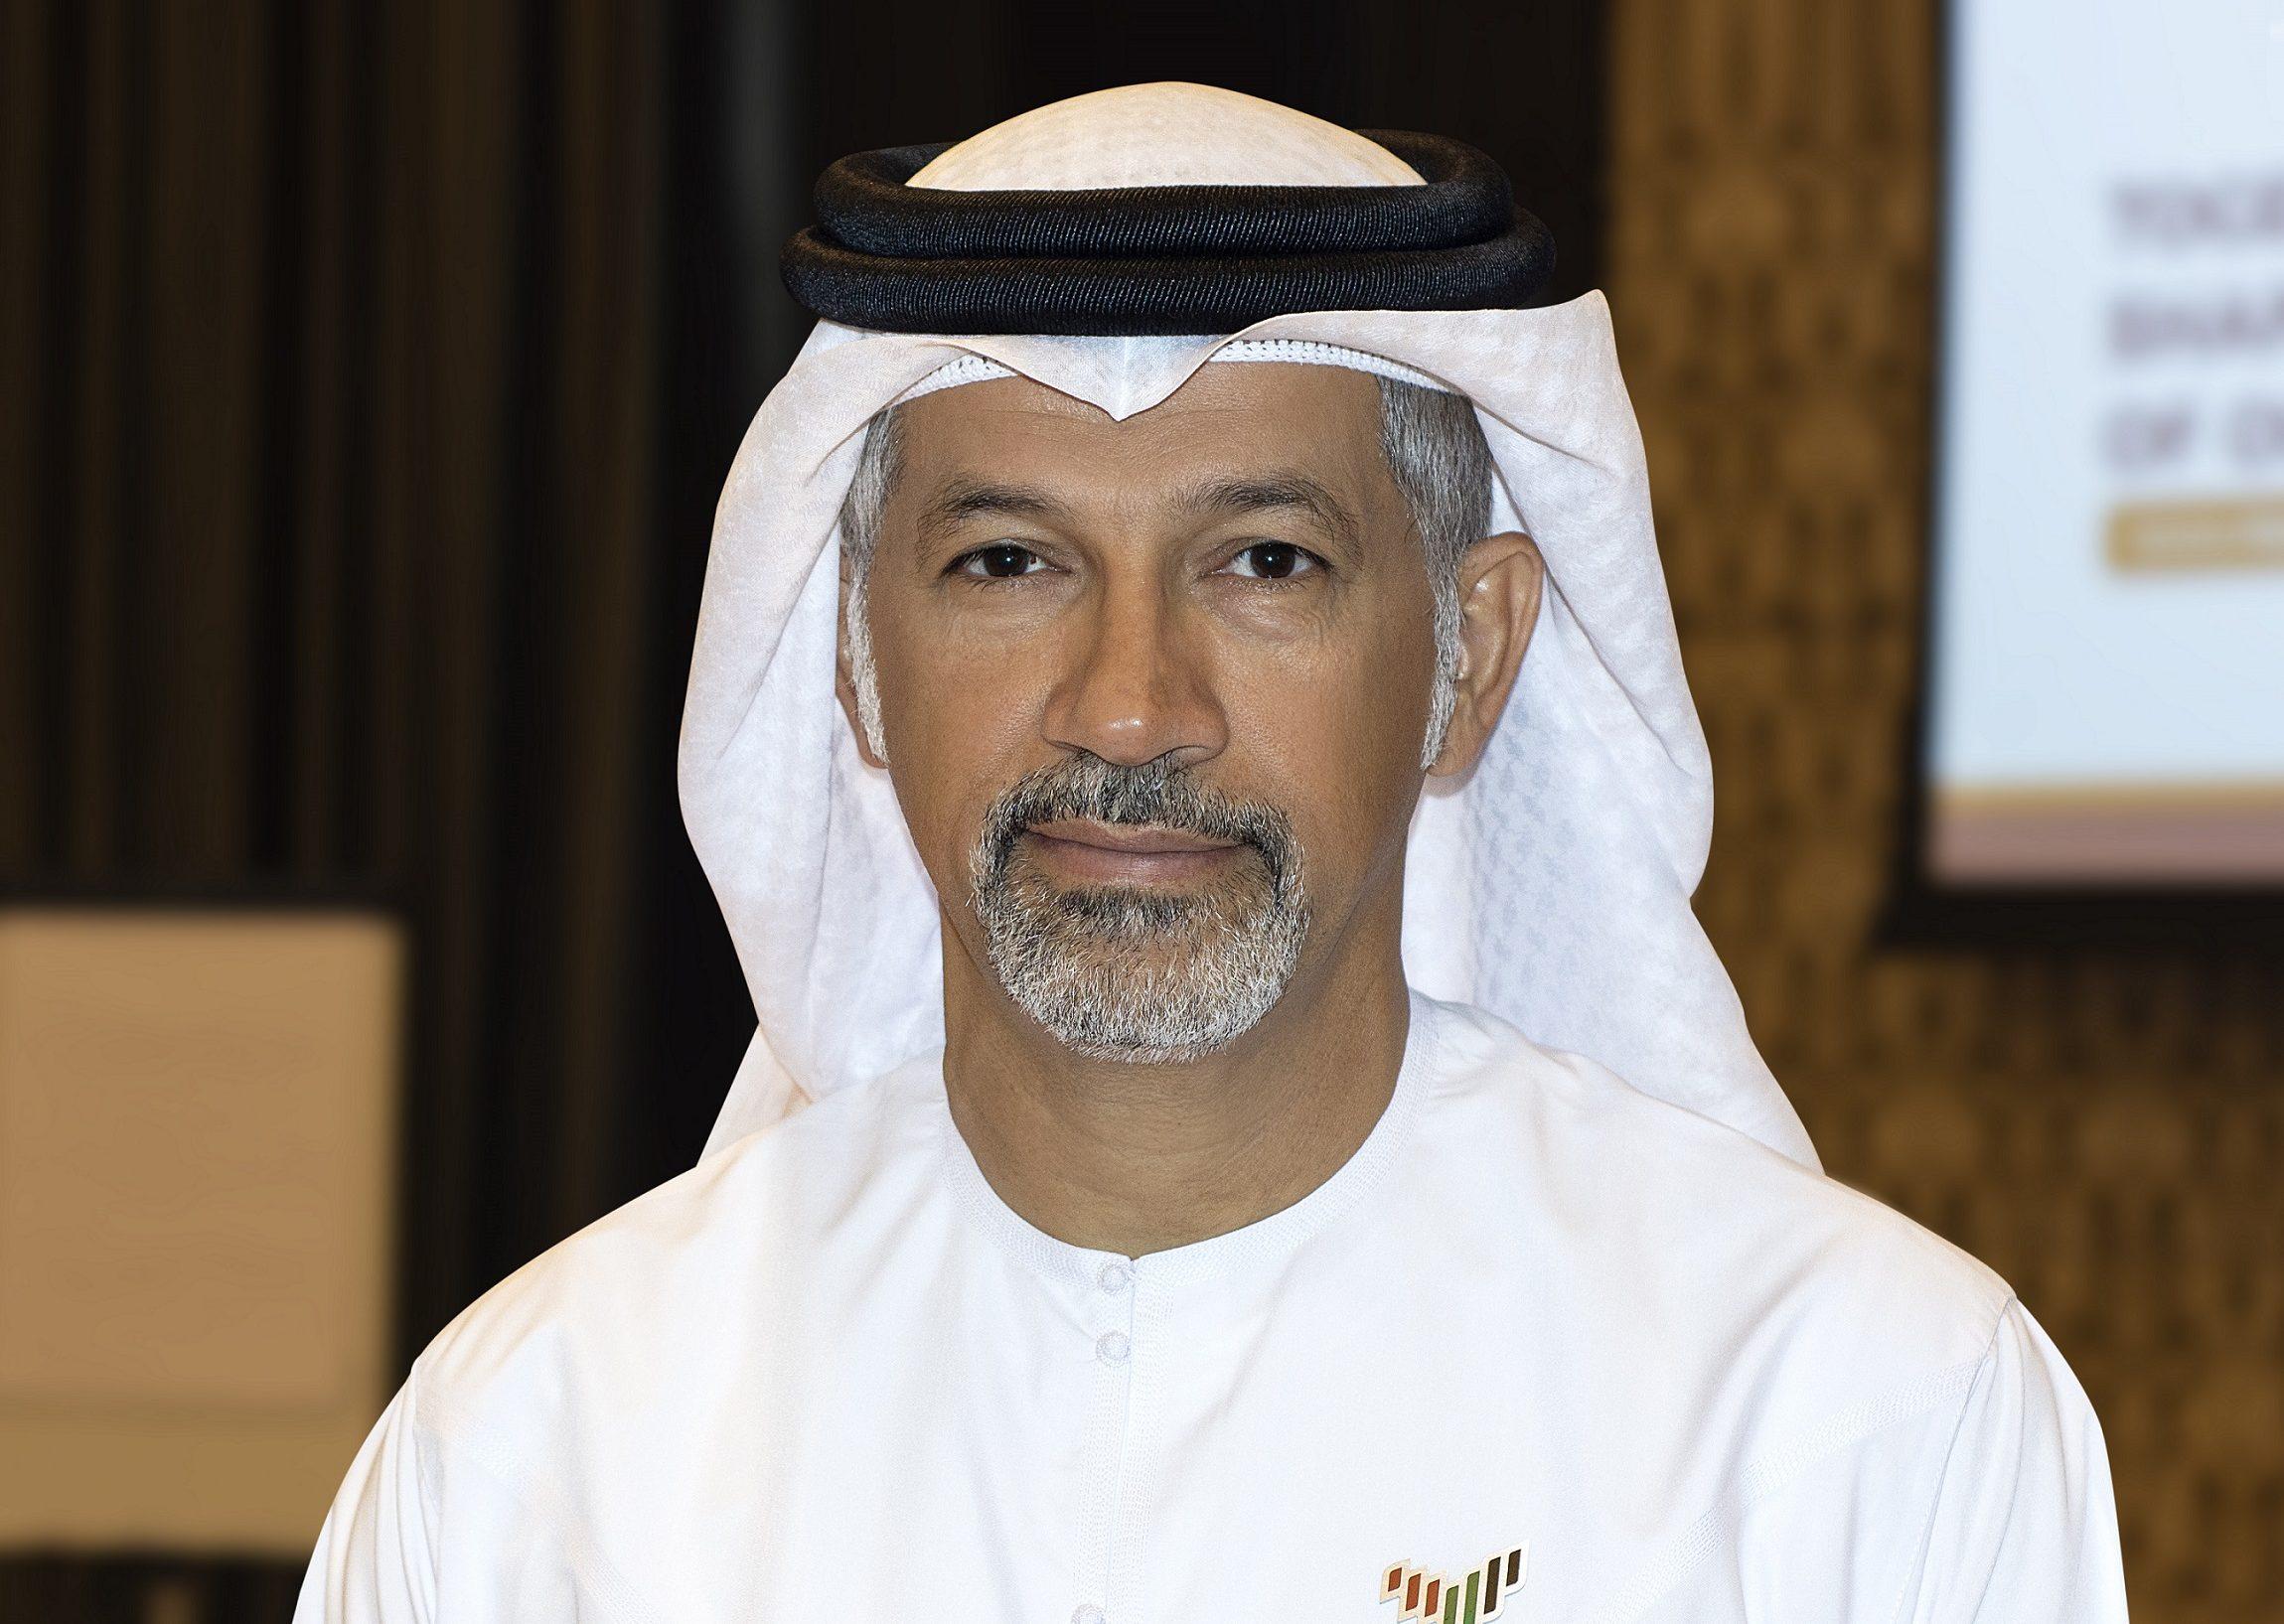 تأجيل معرض طائرات رجال الأعمال والطائرات الخاصة في الشرق الأوسط وشمال أفريقيا إلى ديسمبر 2022